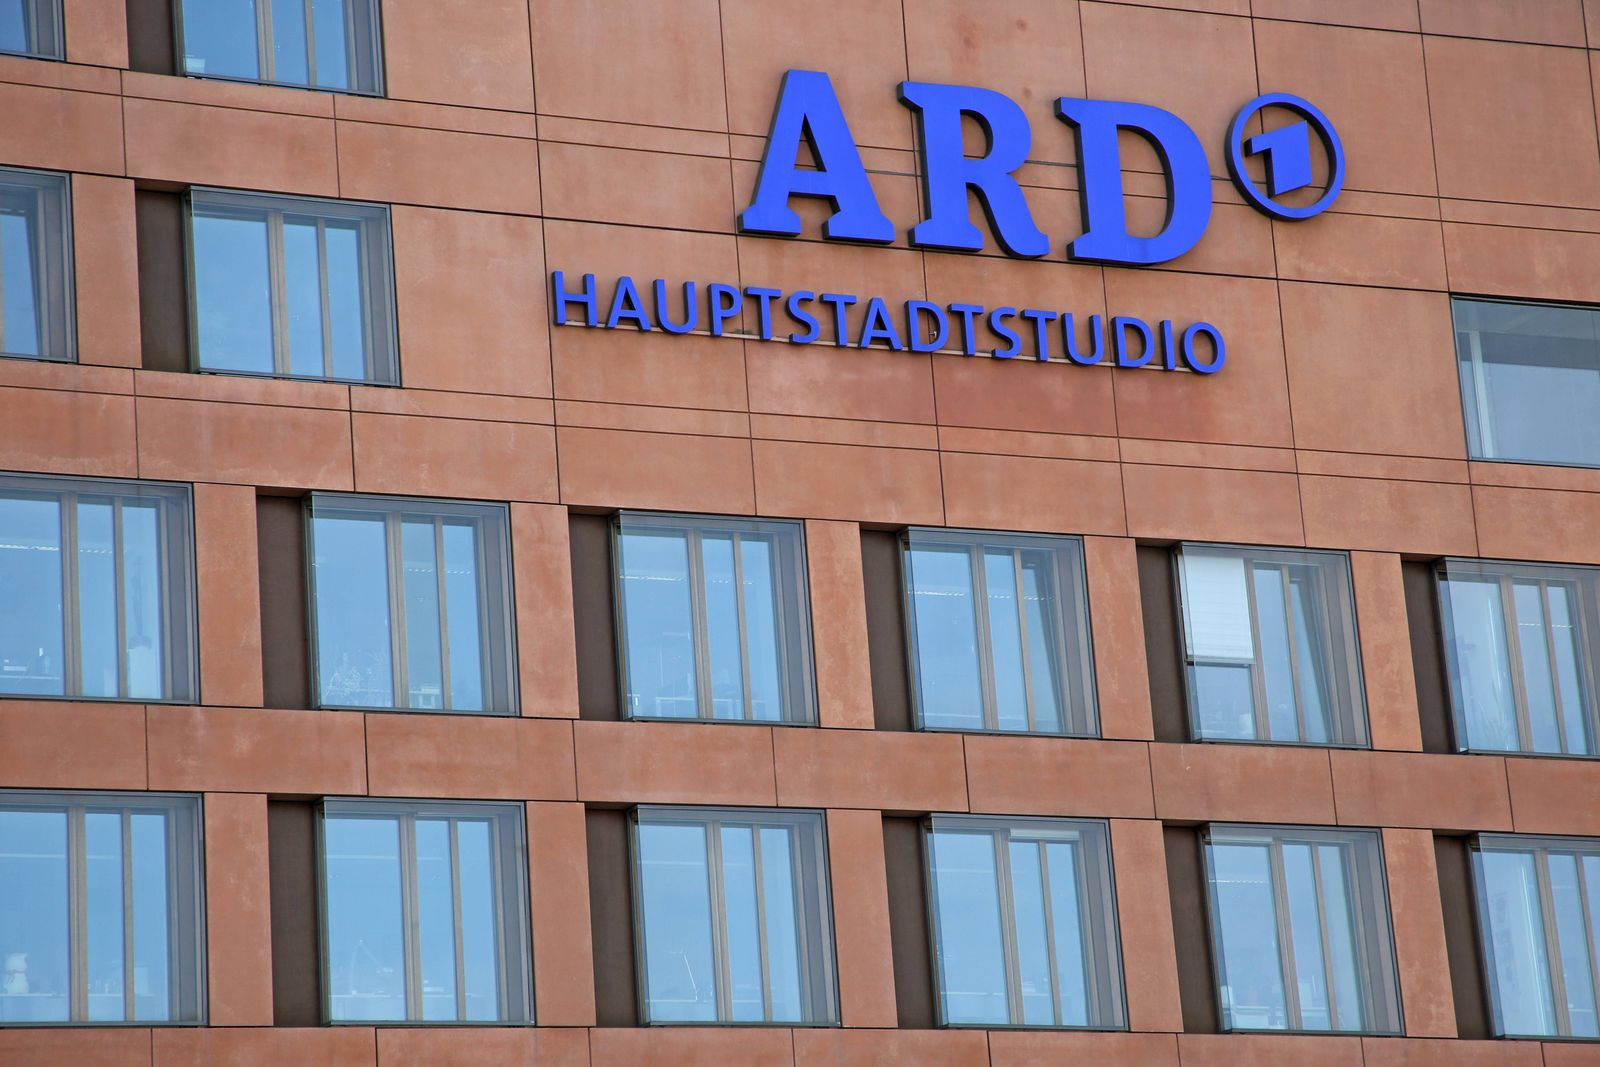 21 07 2018 Berlin GER Fassade des ARD Hauptstadtstudio Anschnitt ARD ARD Hauptstadtstudio a